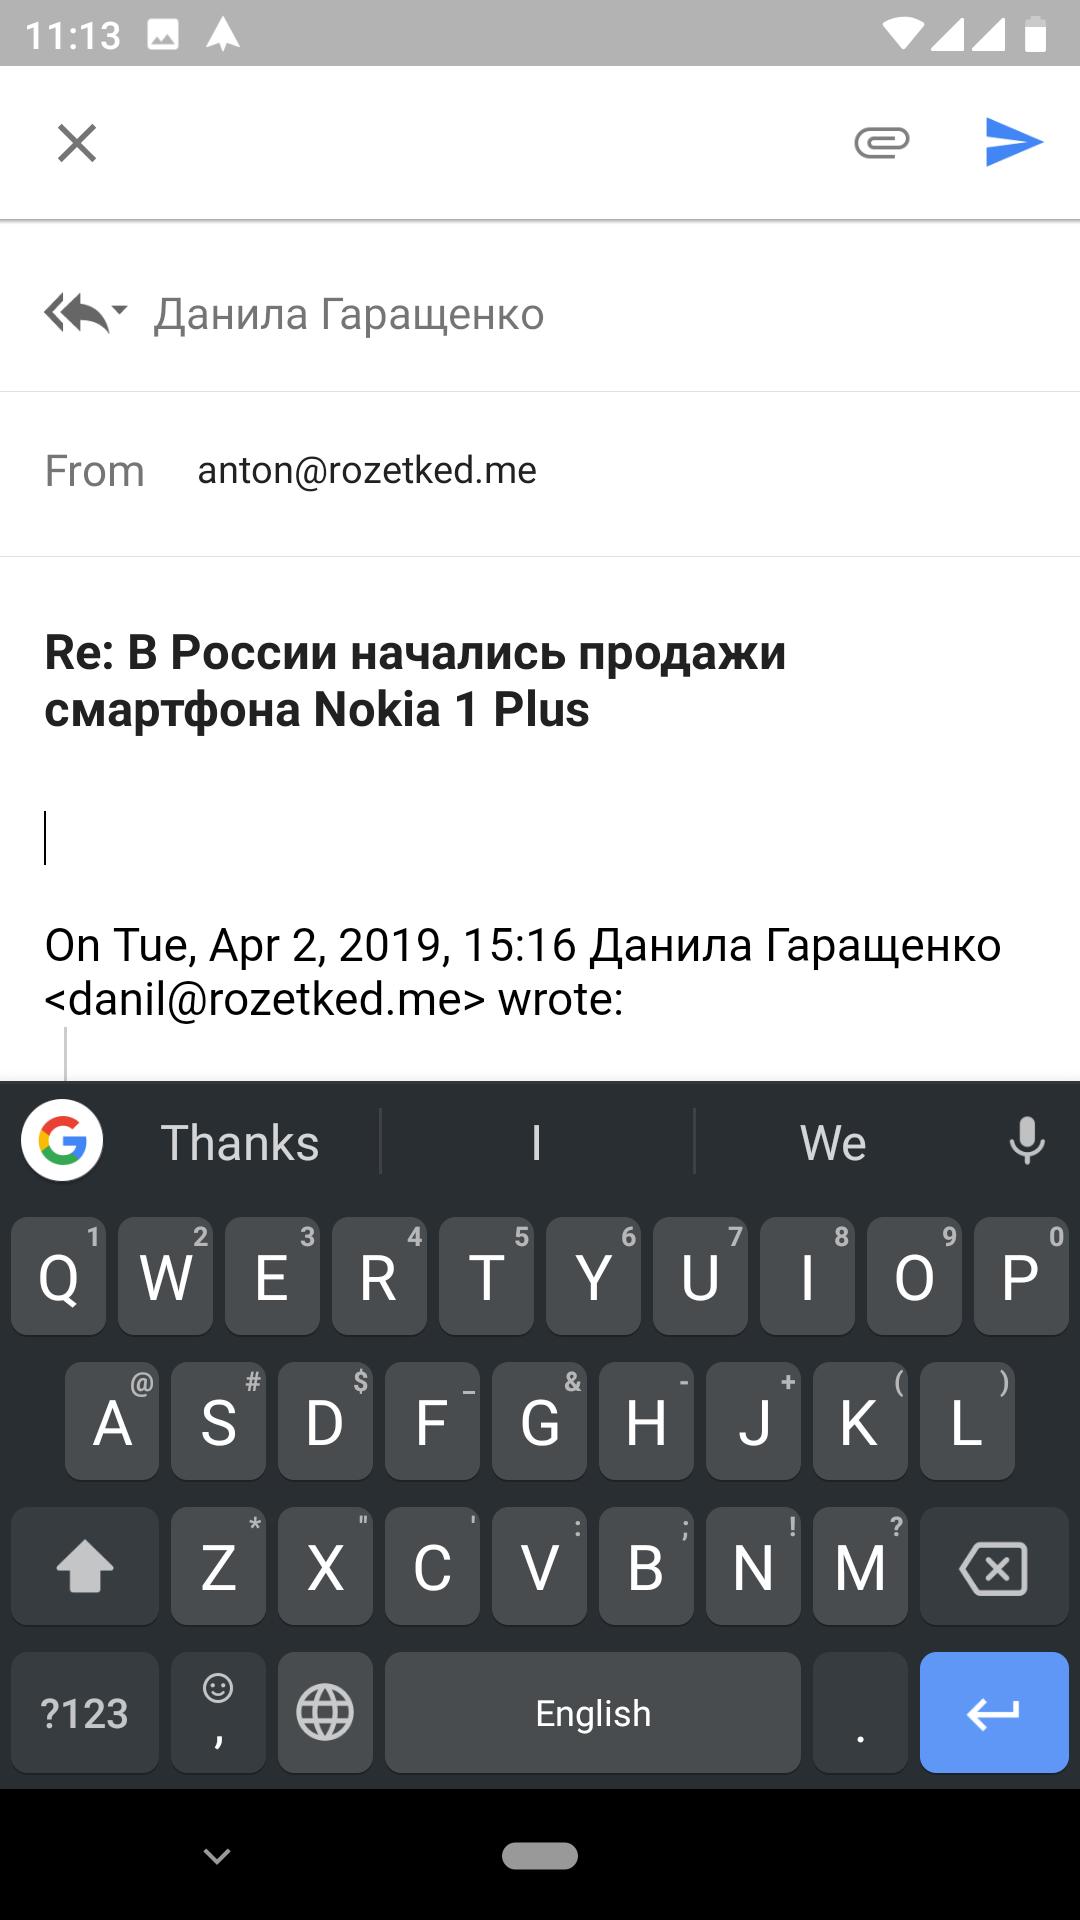 Spark для Android: достойная замена Google Inbox?16